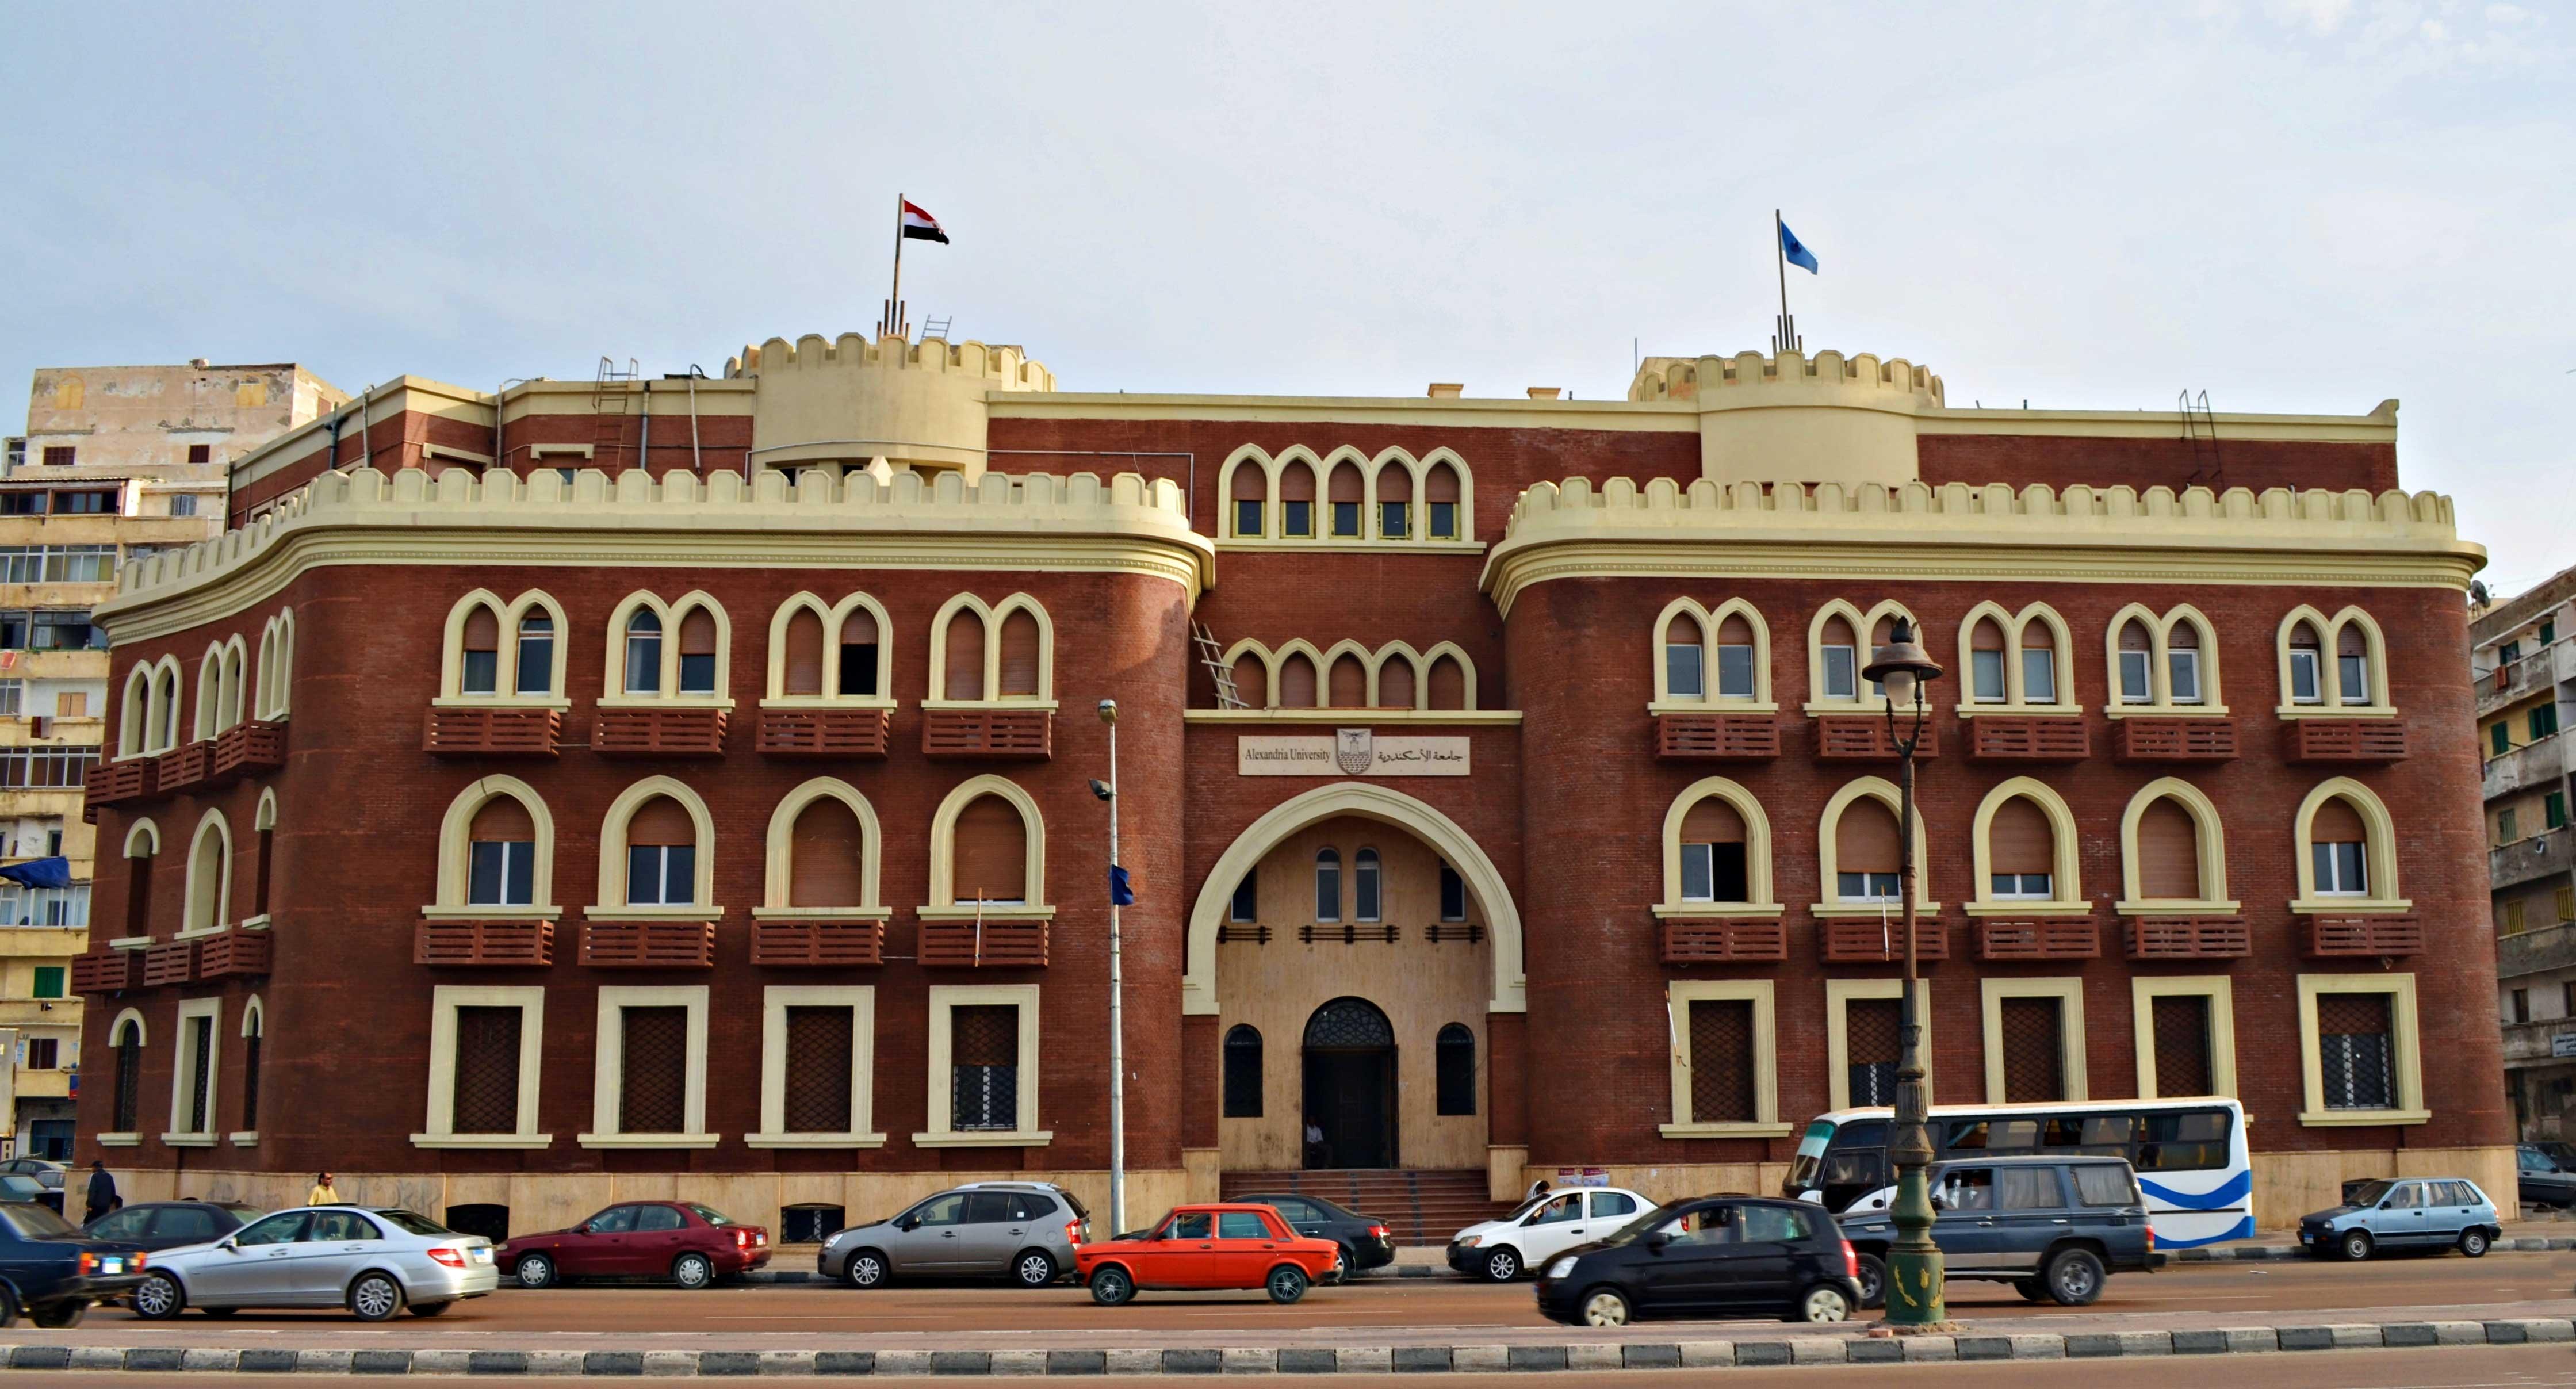 http://shbabbek.com/upload/تعيين عبد العزيز قنصوة نائبا لرئيس جامعة الإسكندرية